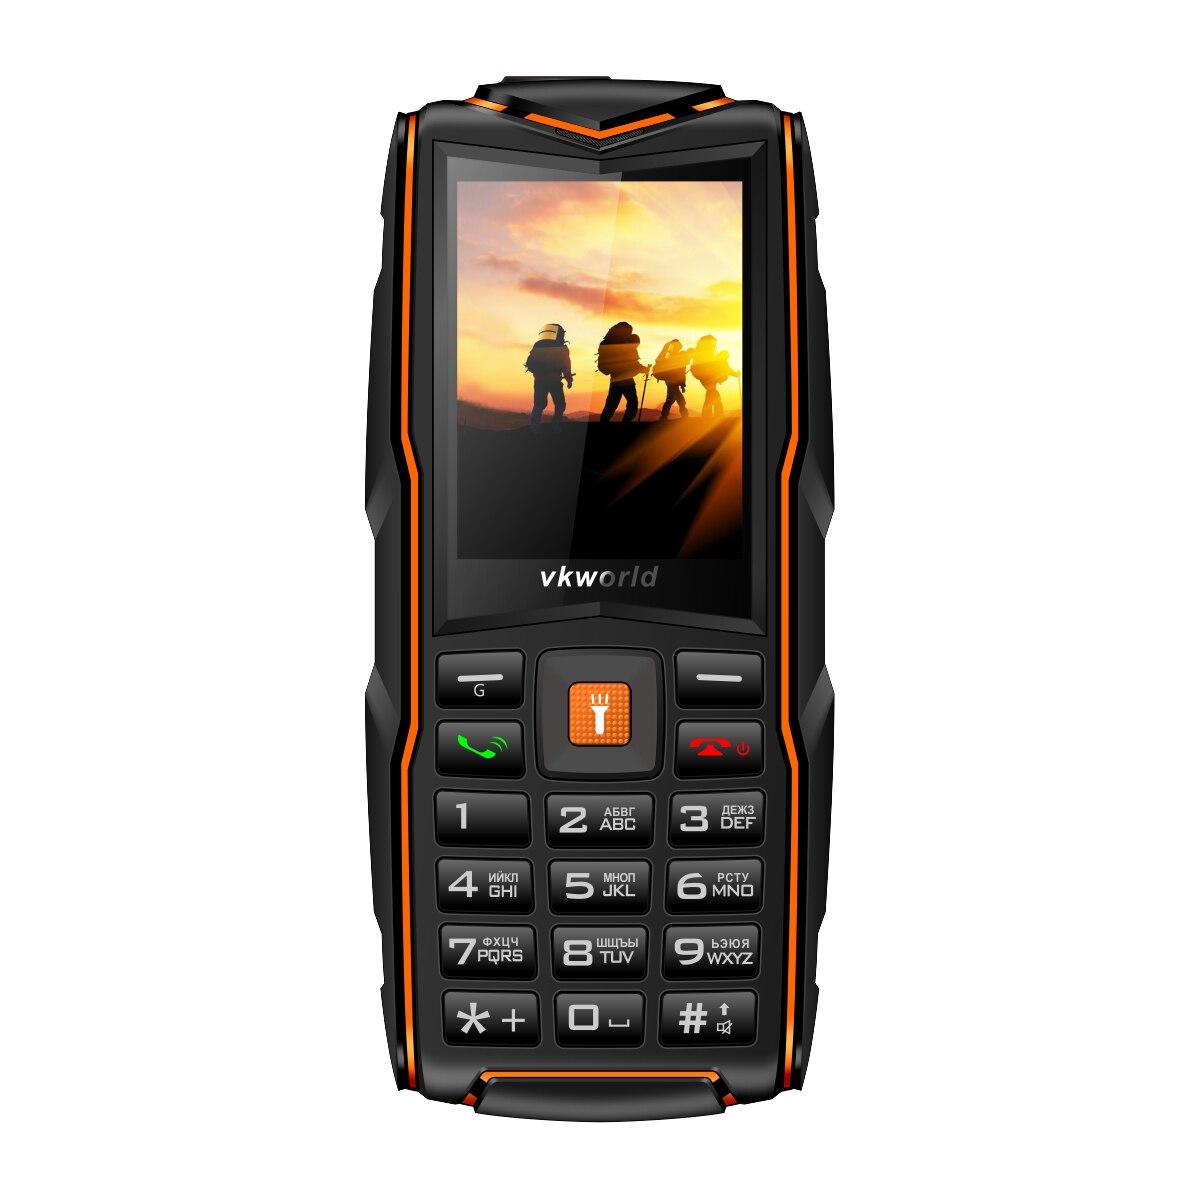 Russe Clavier VKworld Nouvelle Pierre V3 Mobile Téléphone IP68 Étanche Vedette Téléphone 2.4 pouce FM 3 SIM Carte LED Lumière GSM Téléphone